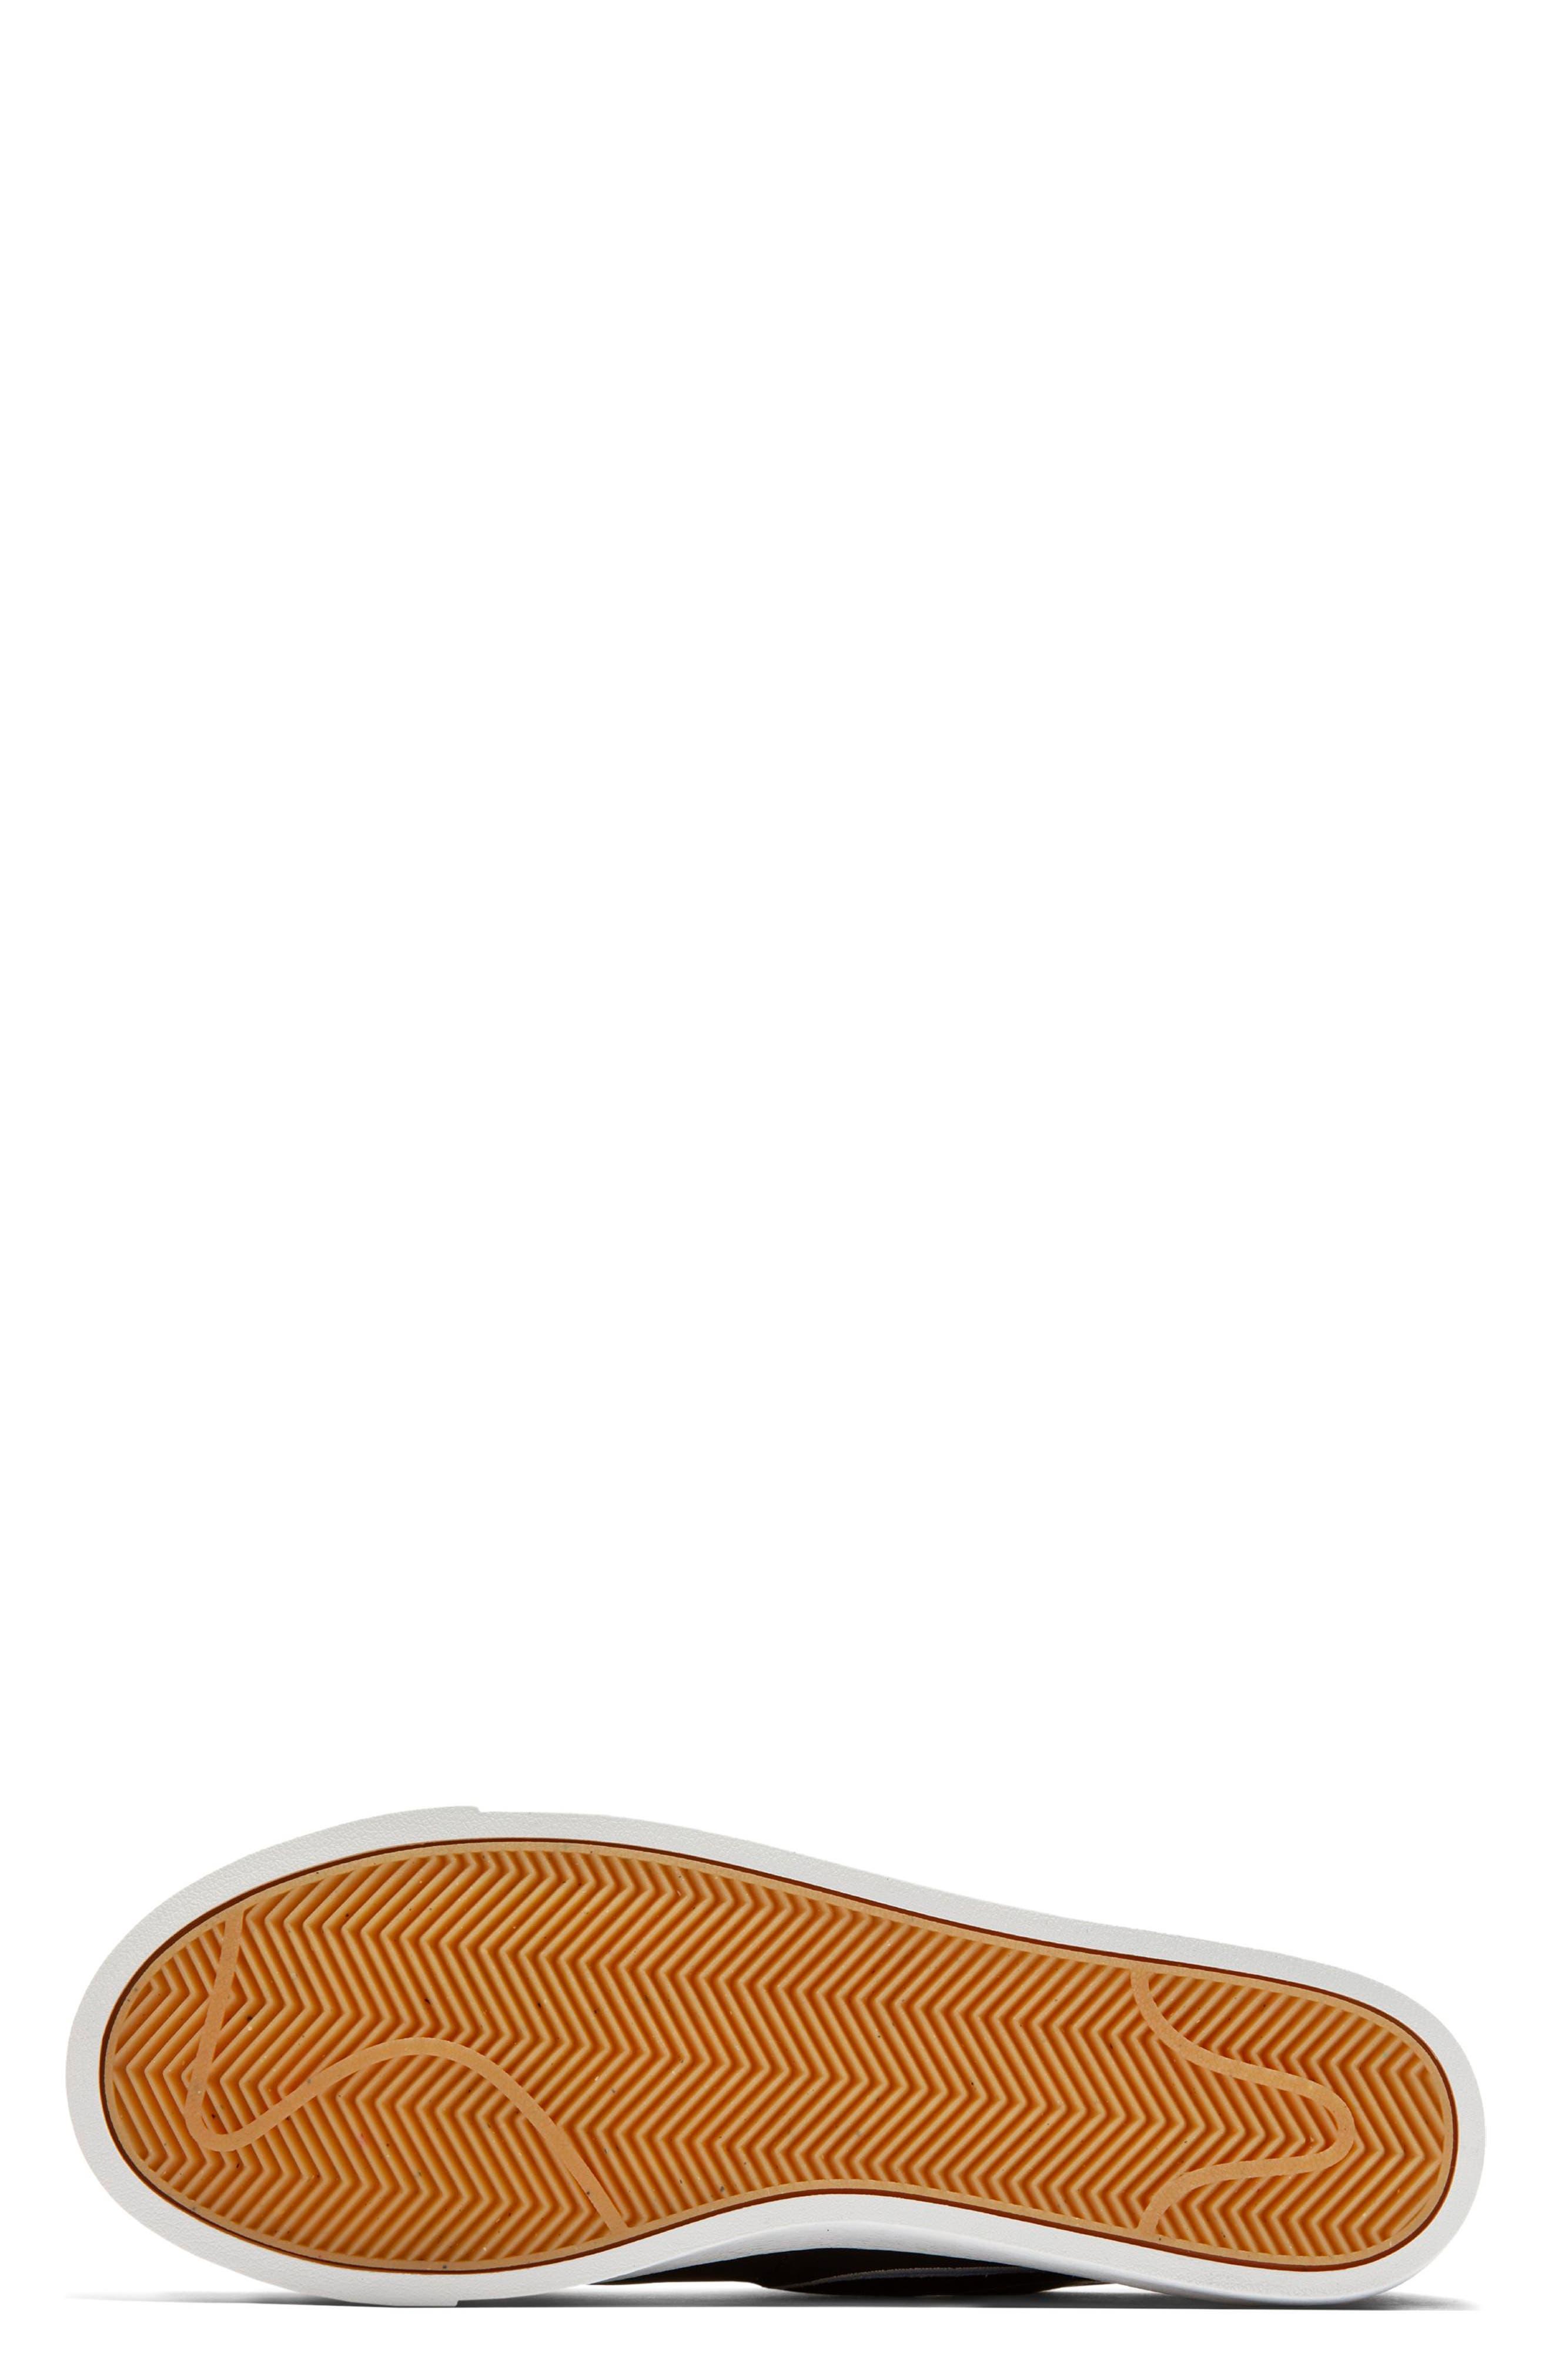 Blazer Low LX Sneaker,                             Alternate thumbnail 5, color,                             BLACK/ ROYAL TINT/ MONARCH